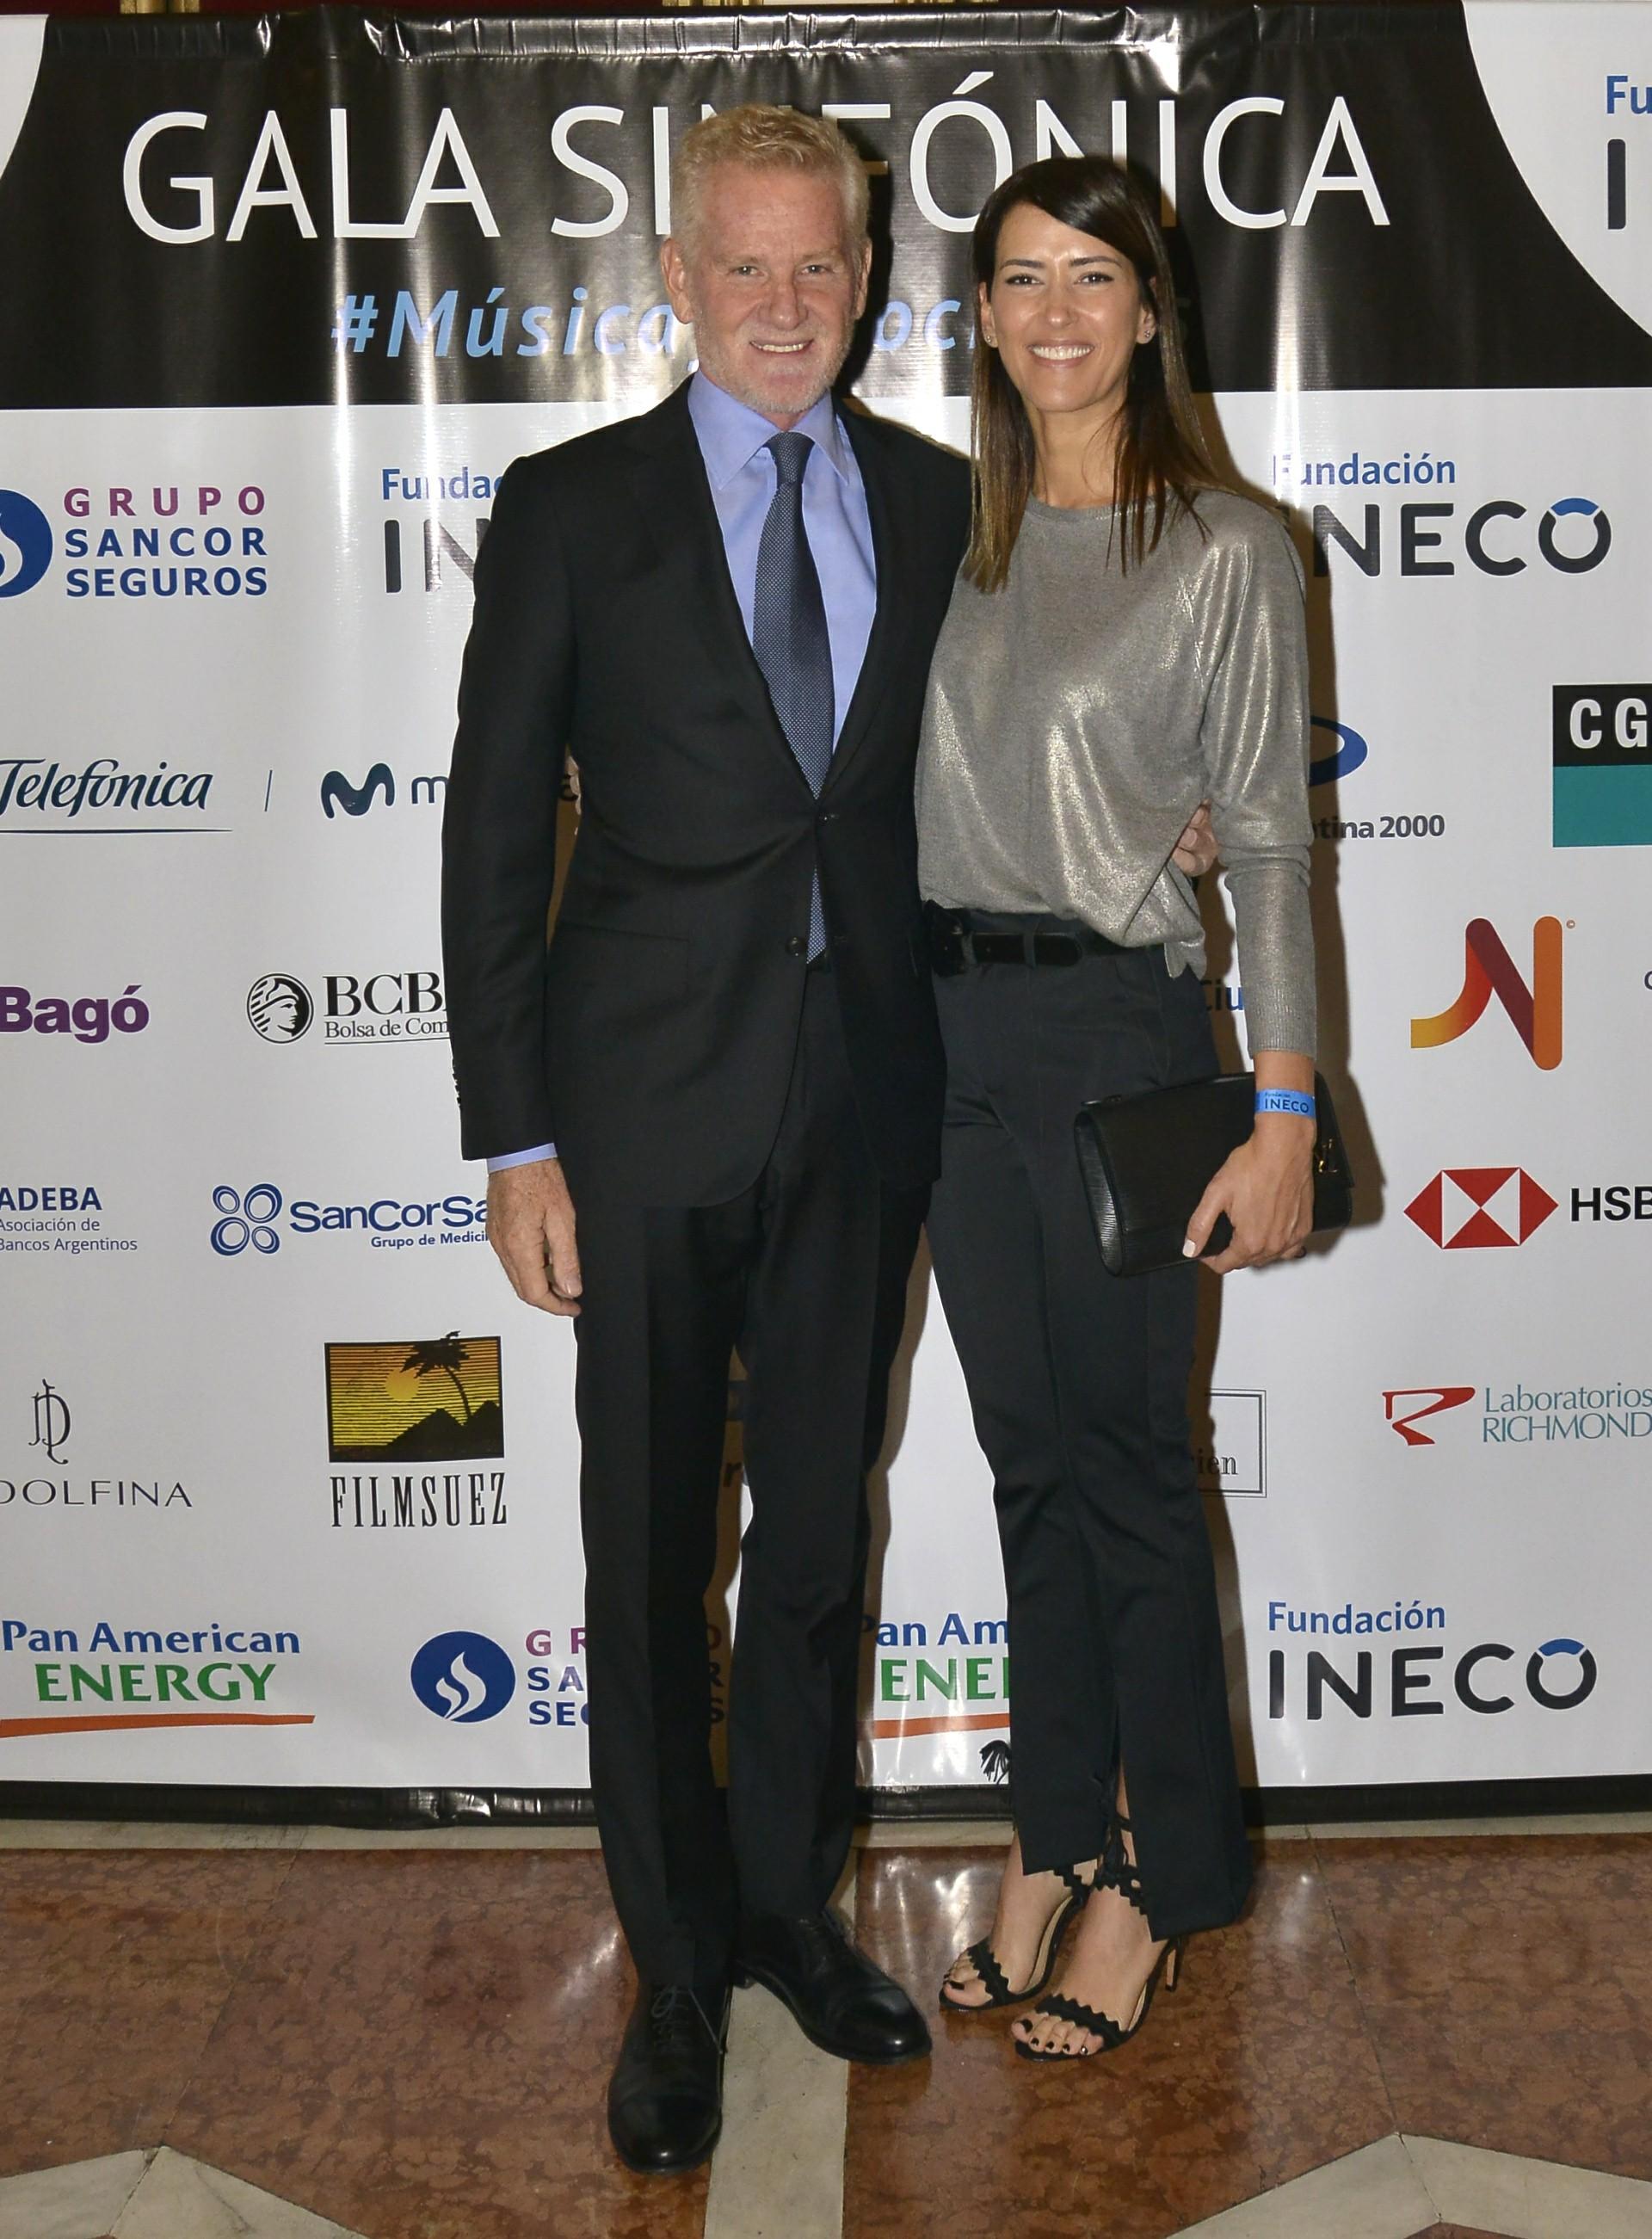 Francisco De Narvaez y Carolina Klemencic